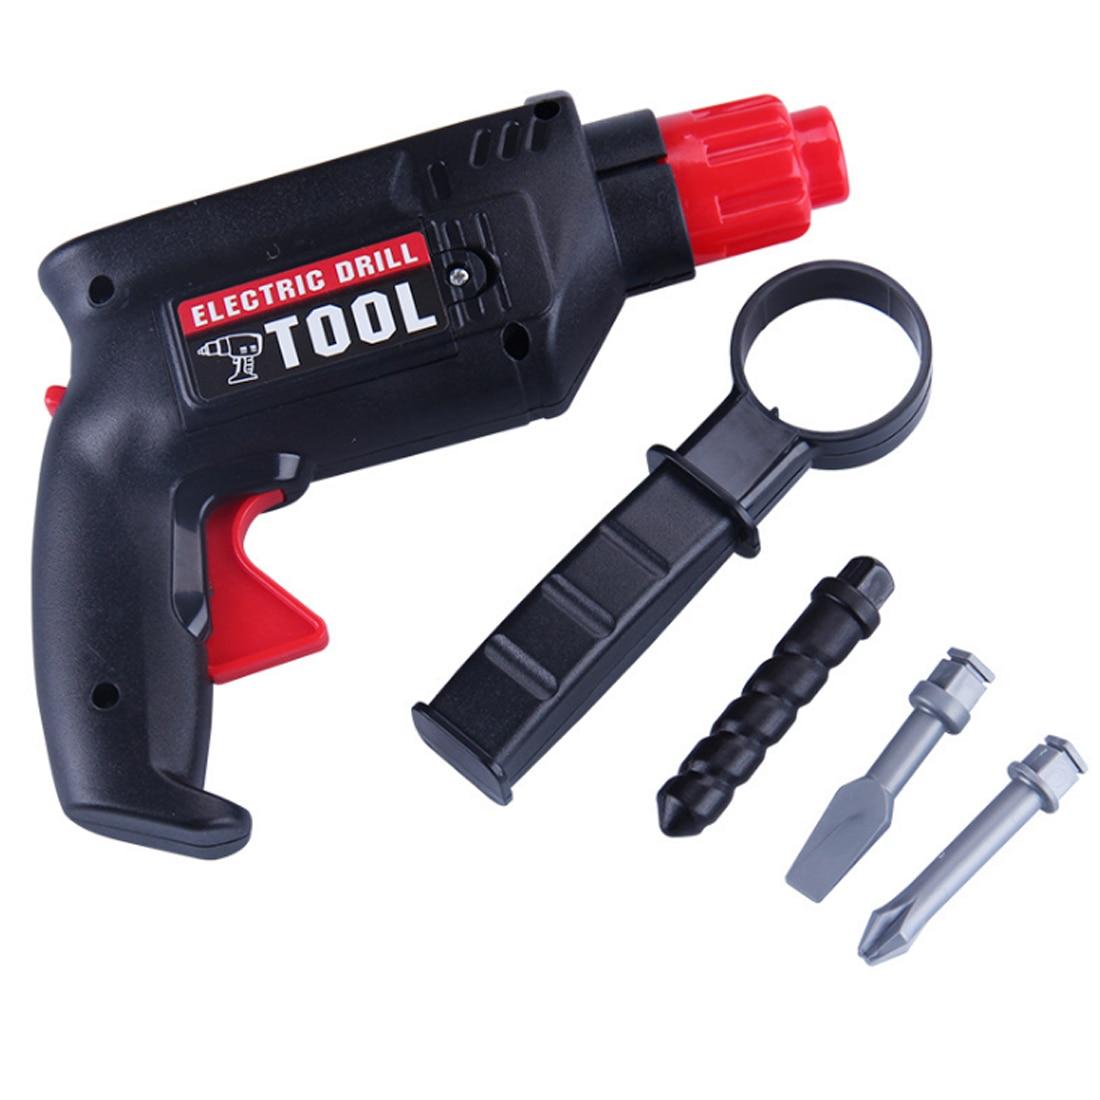 Детский пластиковый инструмент для технического обслуживания, инструмент для ремонта электрической дрели, инструменты для раннего развития, развивающие игрушки для детей, без батареи